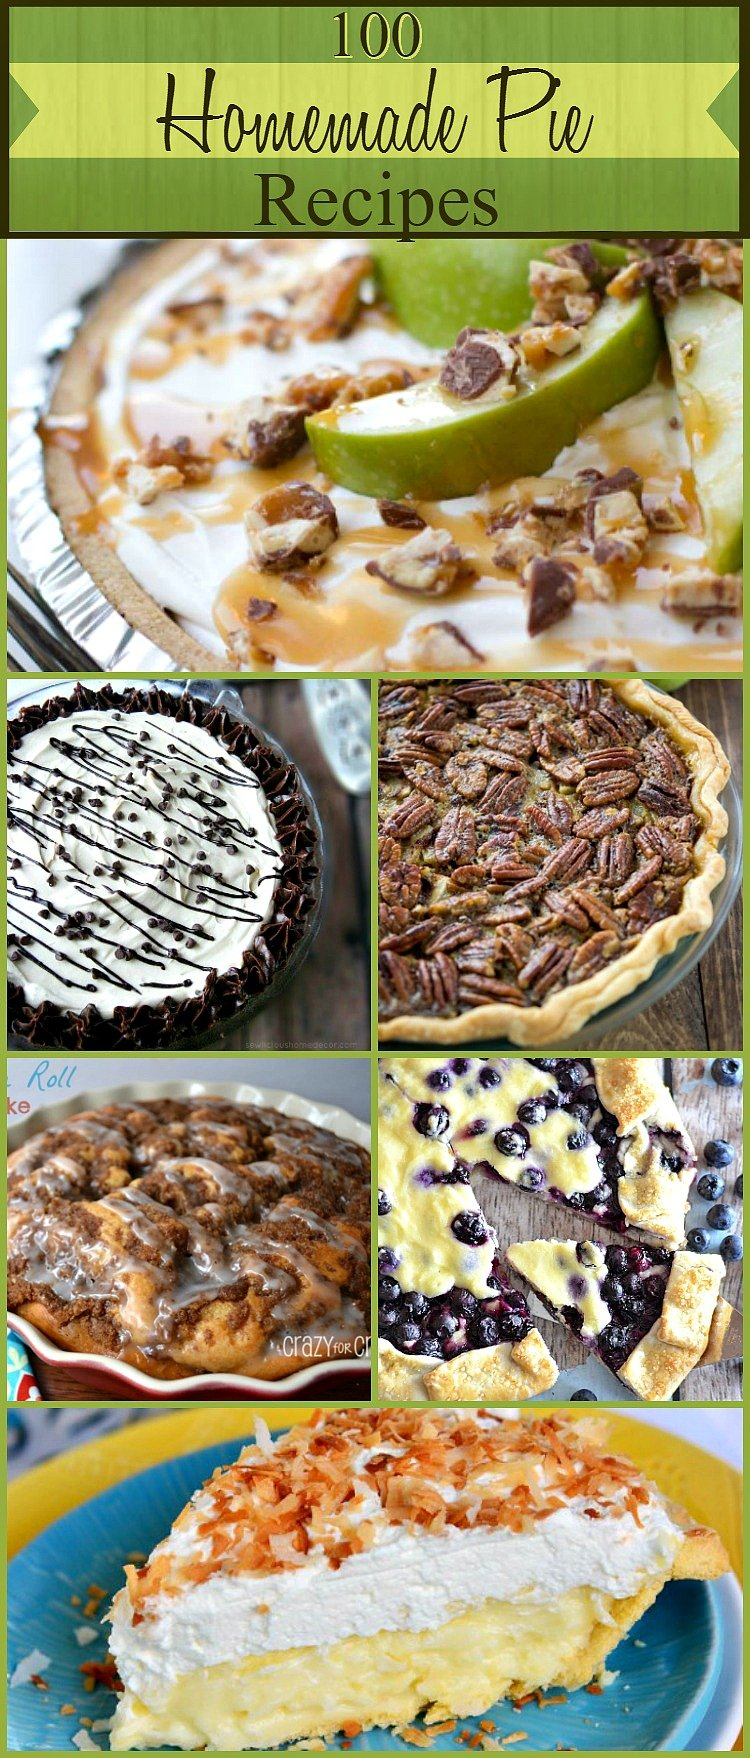 100 Best Homemade Pie Recipes at sewlicioushomedecor.com